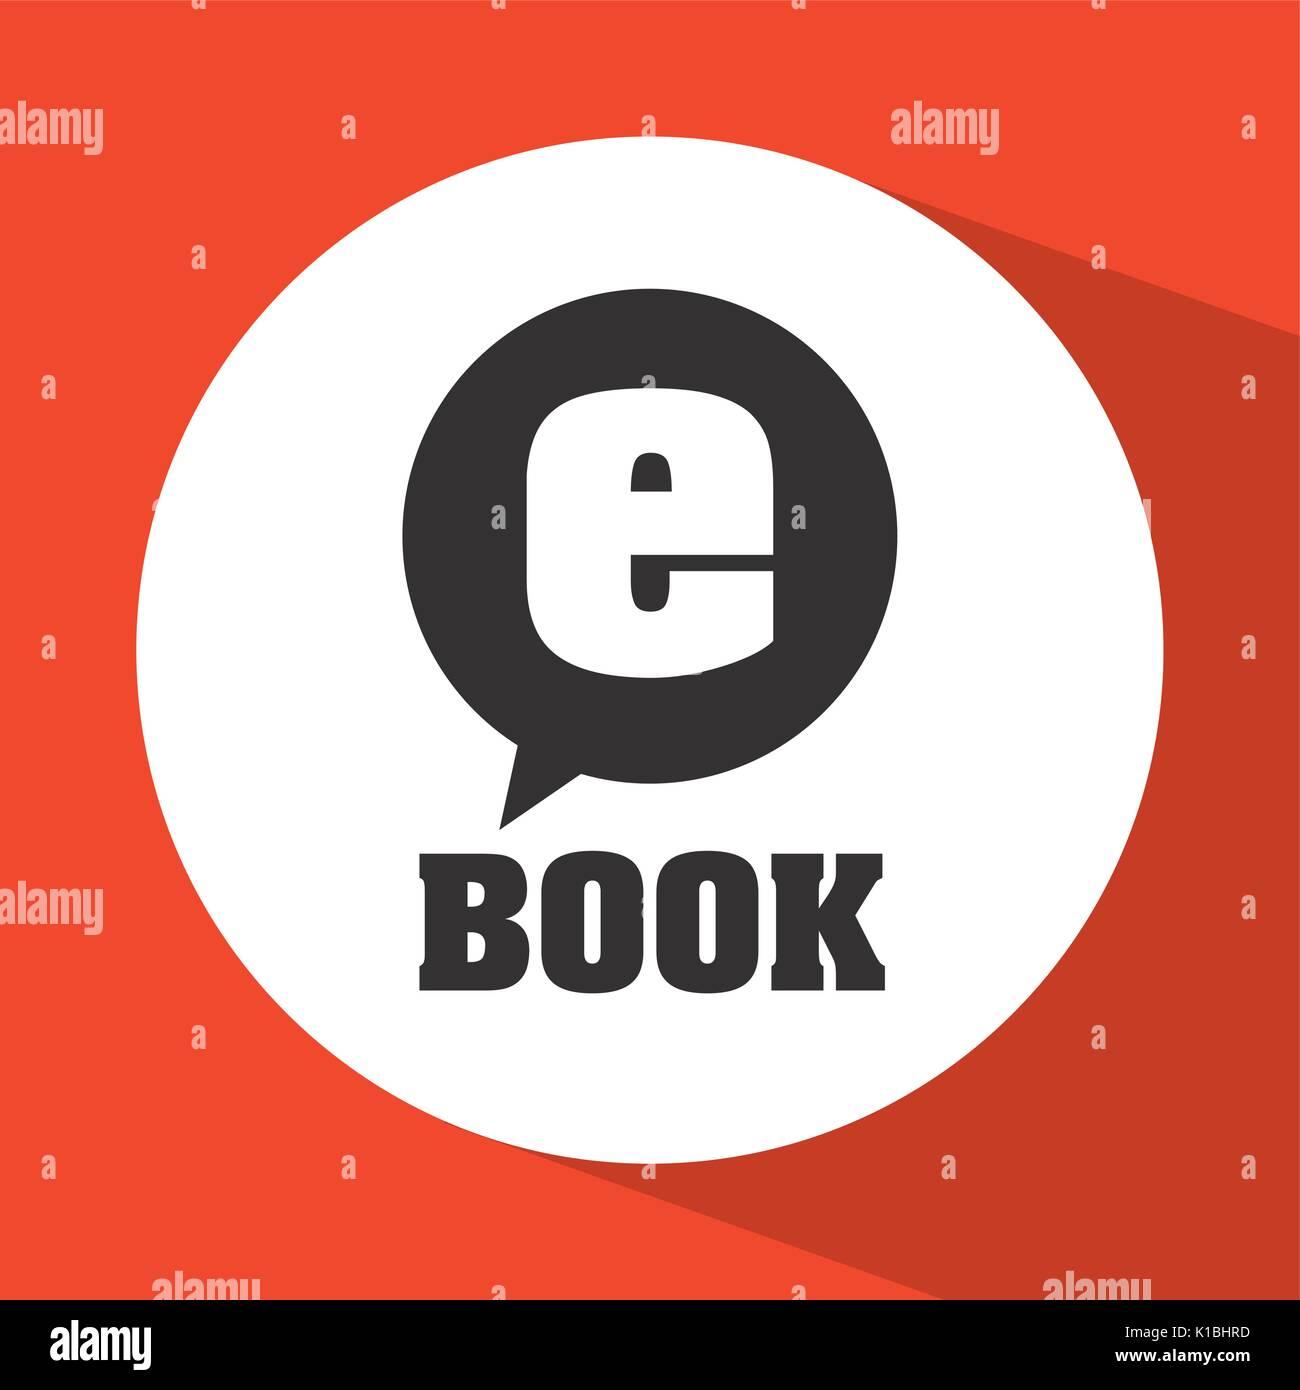 download e-book design  - Stock Image